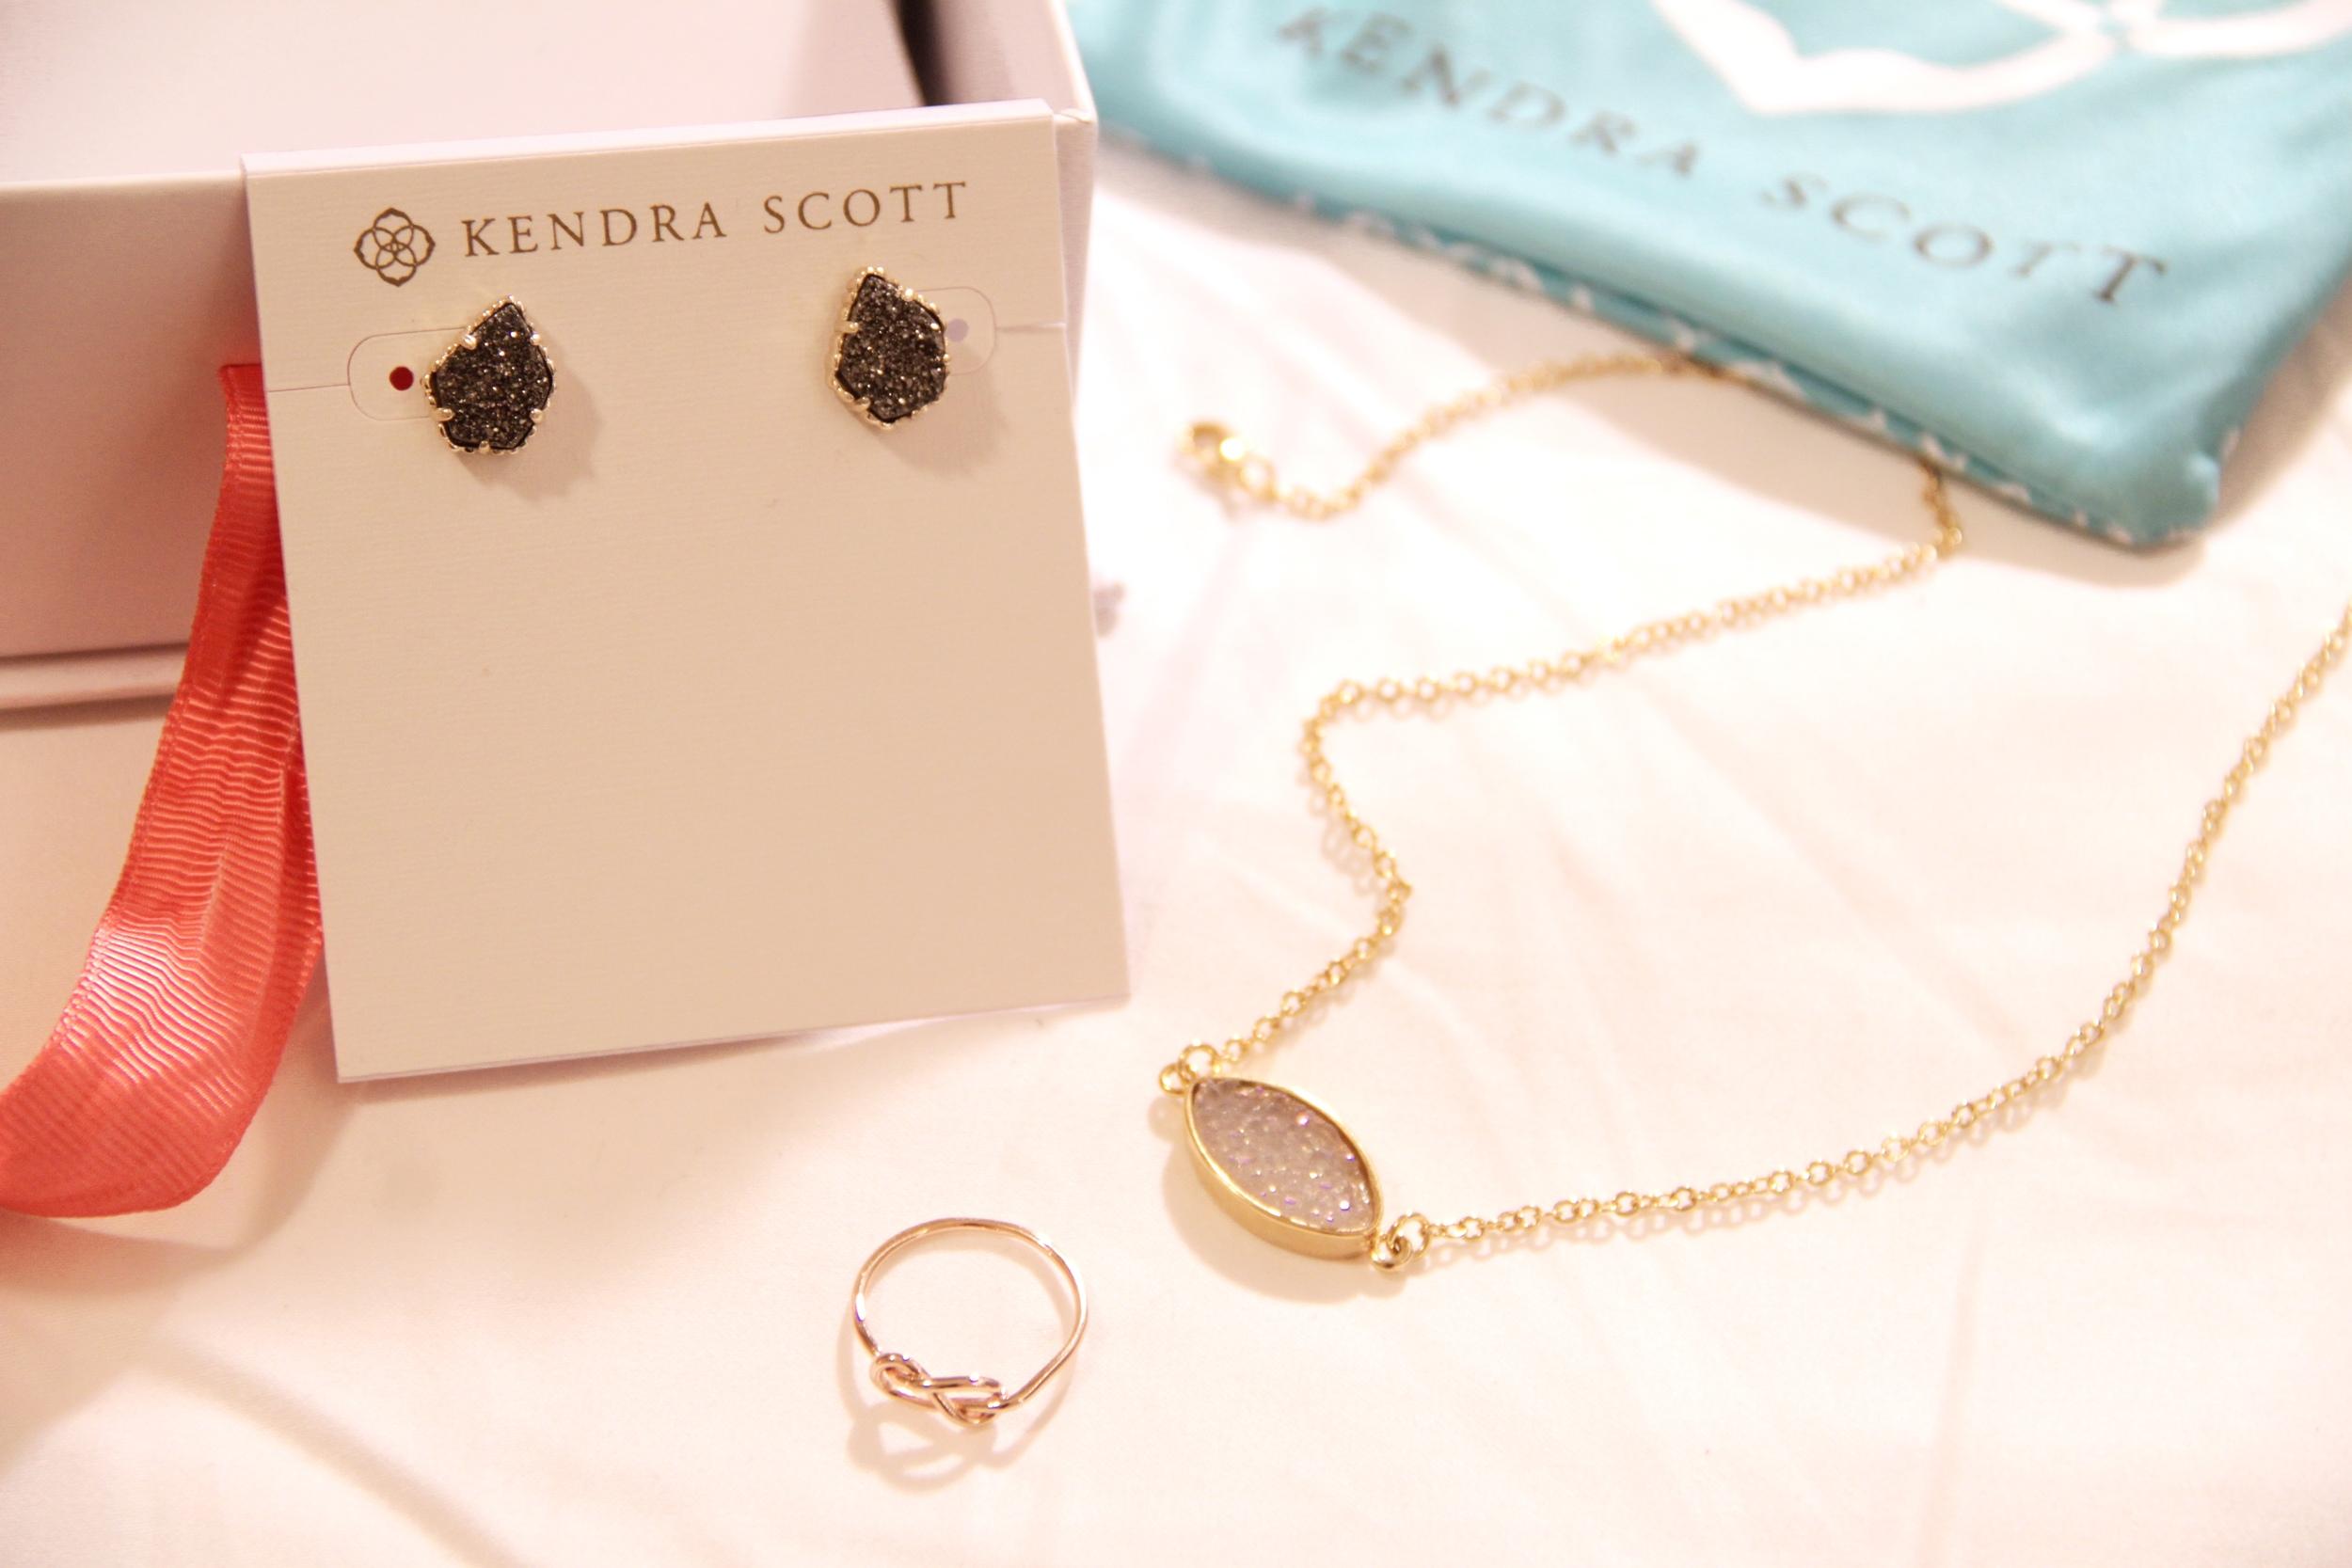 rocksbox jewelry kendra scott